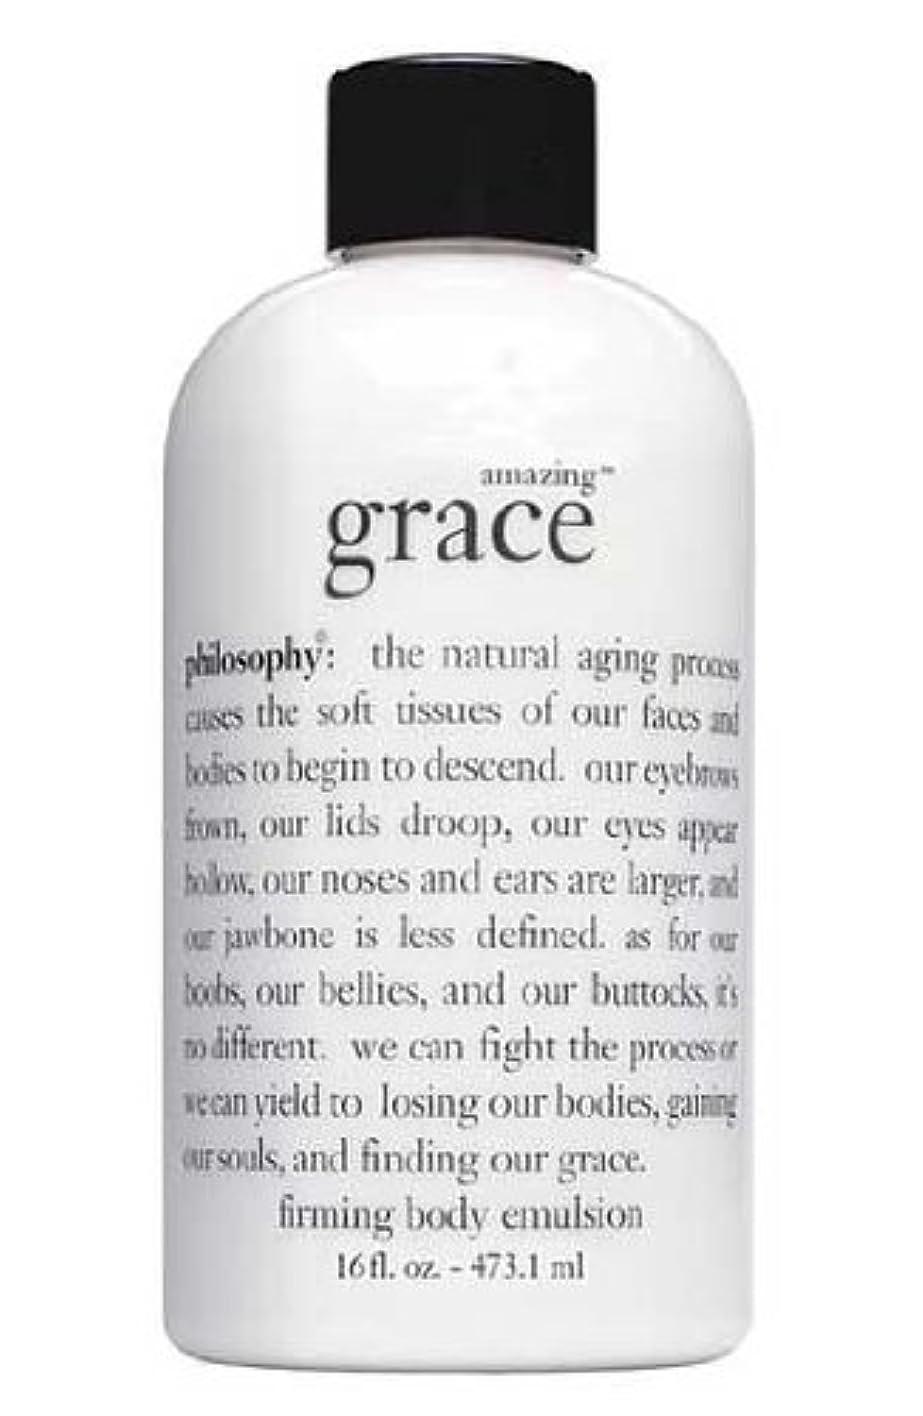 遮るファイター維持amazing grace perfumed firming body emulsion (アメイジング グレイス ボディーエミュルージョン) 16.0 oz (480ml) for Women